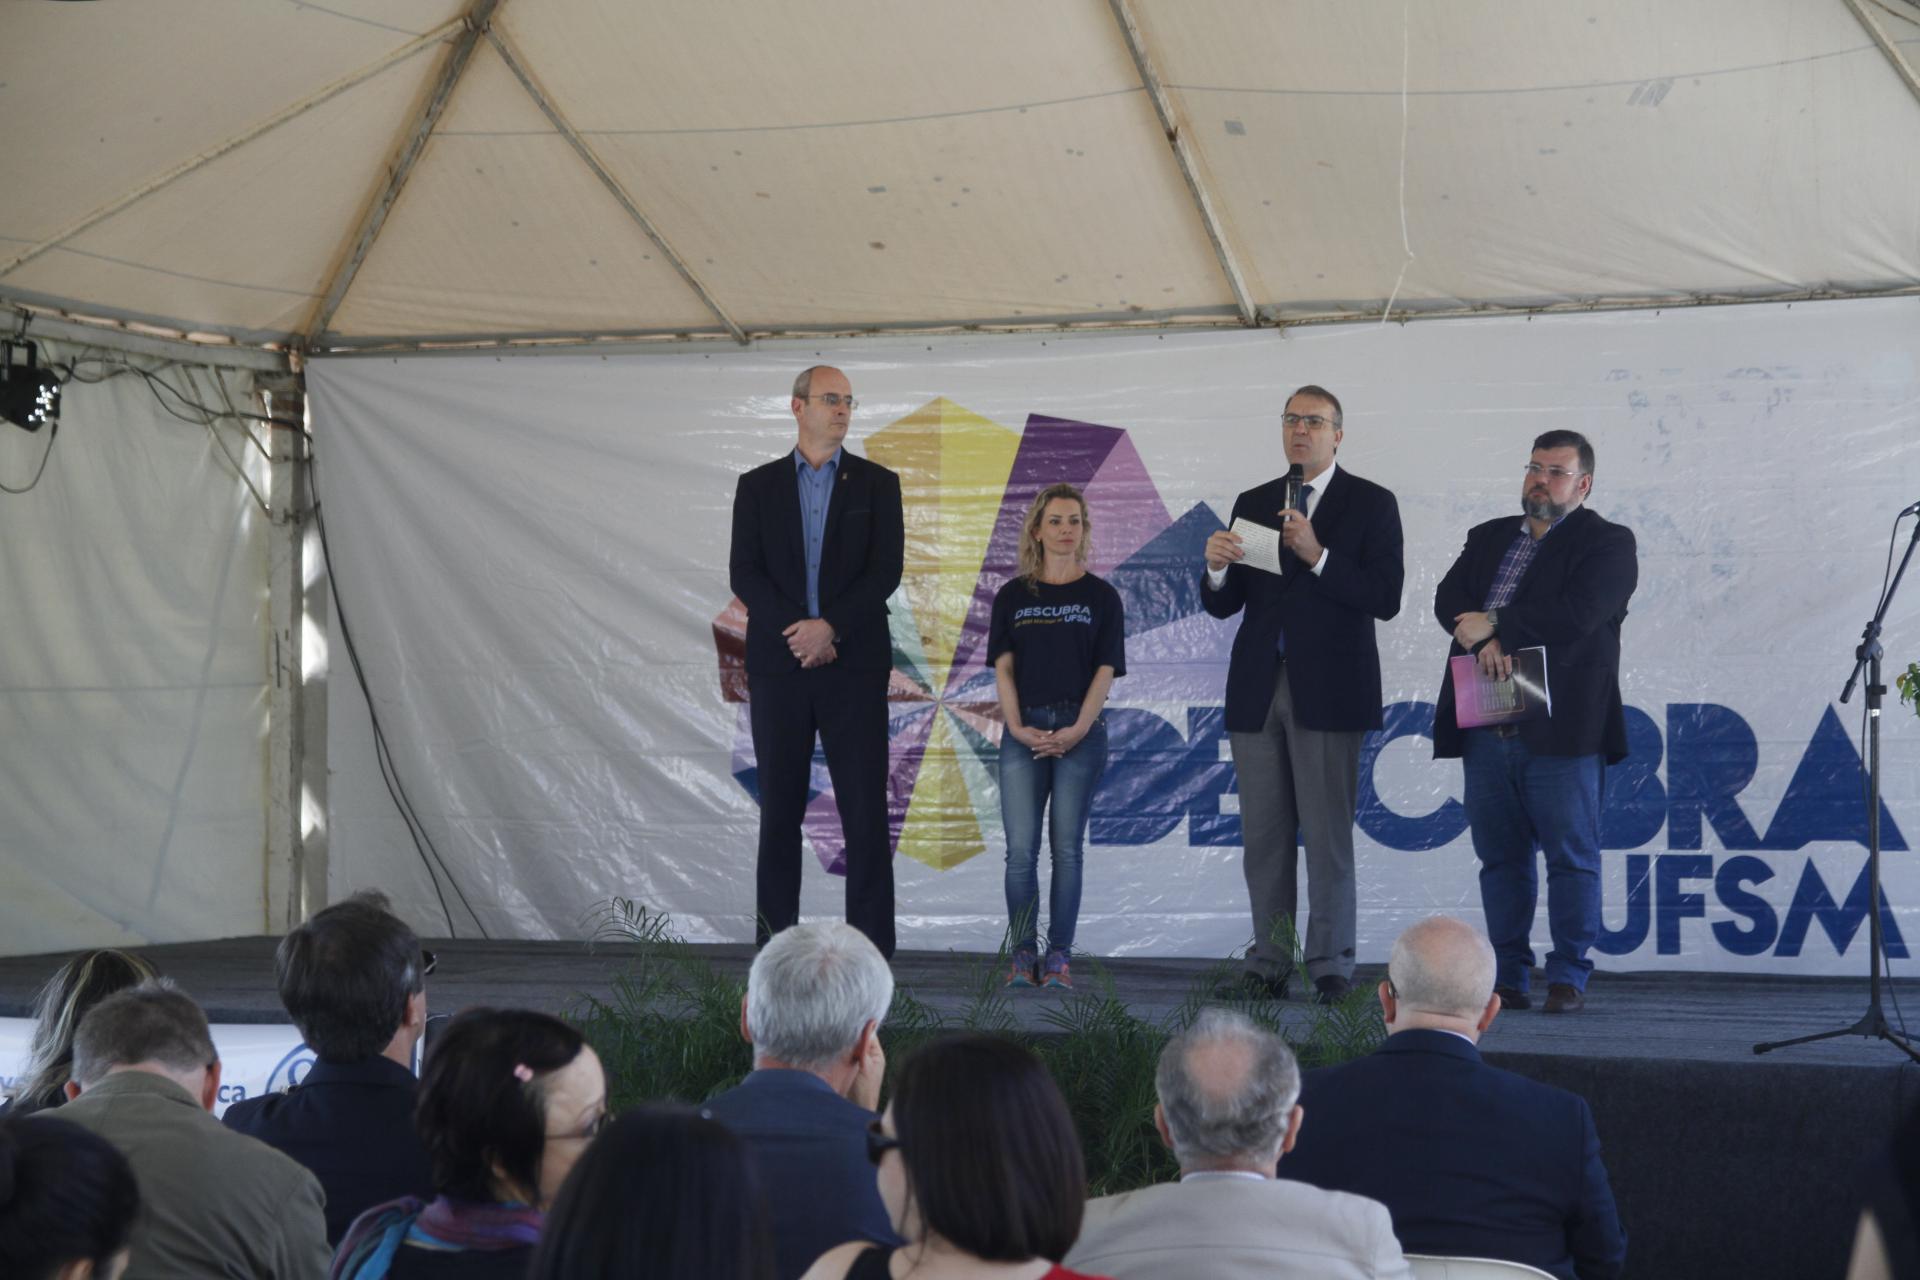 Foto colorida horizontal mostra quatro pessoas em pé no palco, um falando ao microfone, ao fundo banner com logo do descubra UFSM< e é possível ver algumas pessoas sentadas na platéia